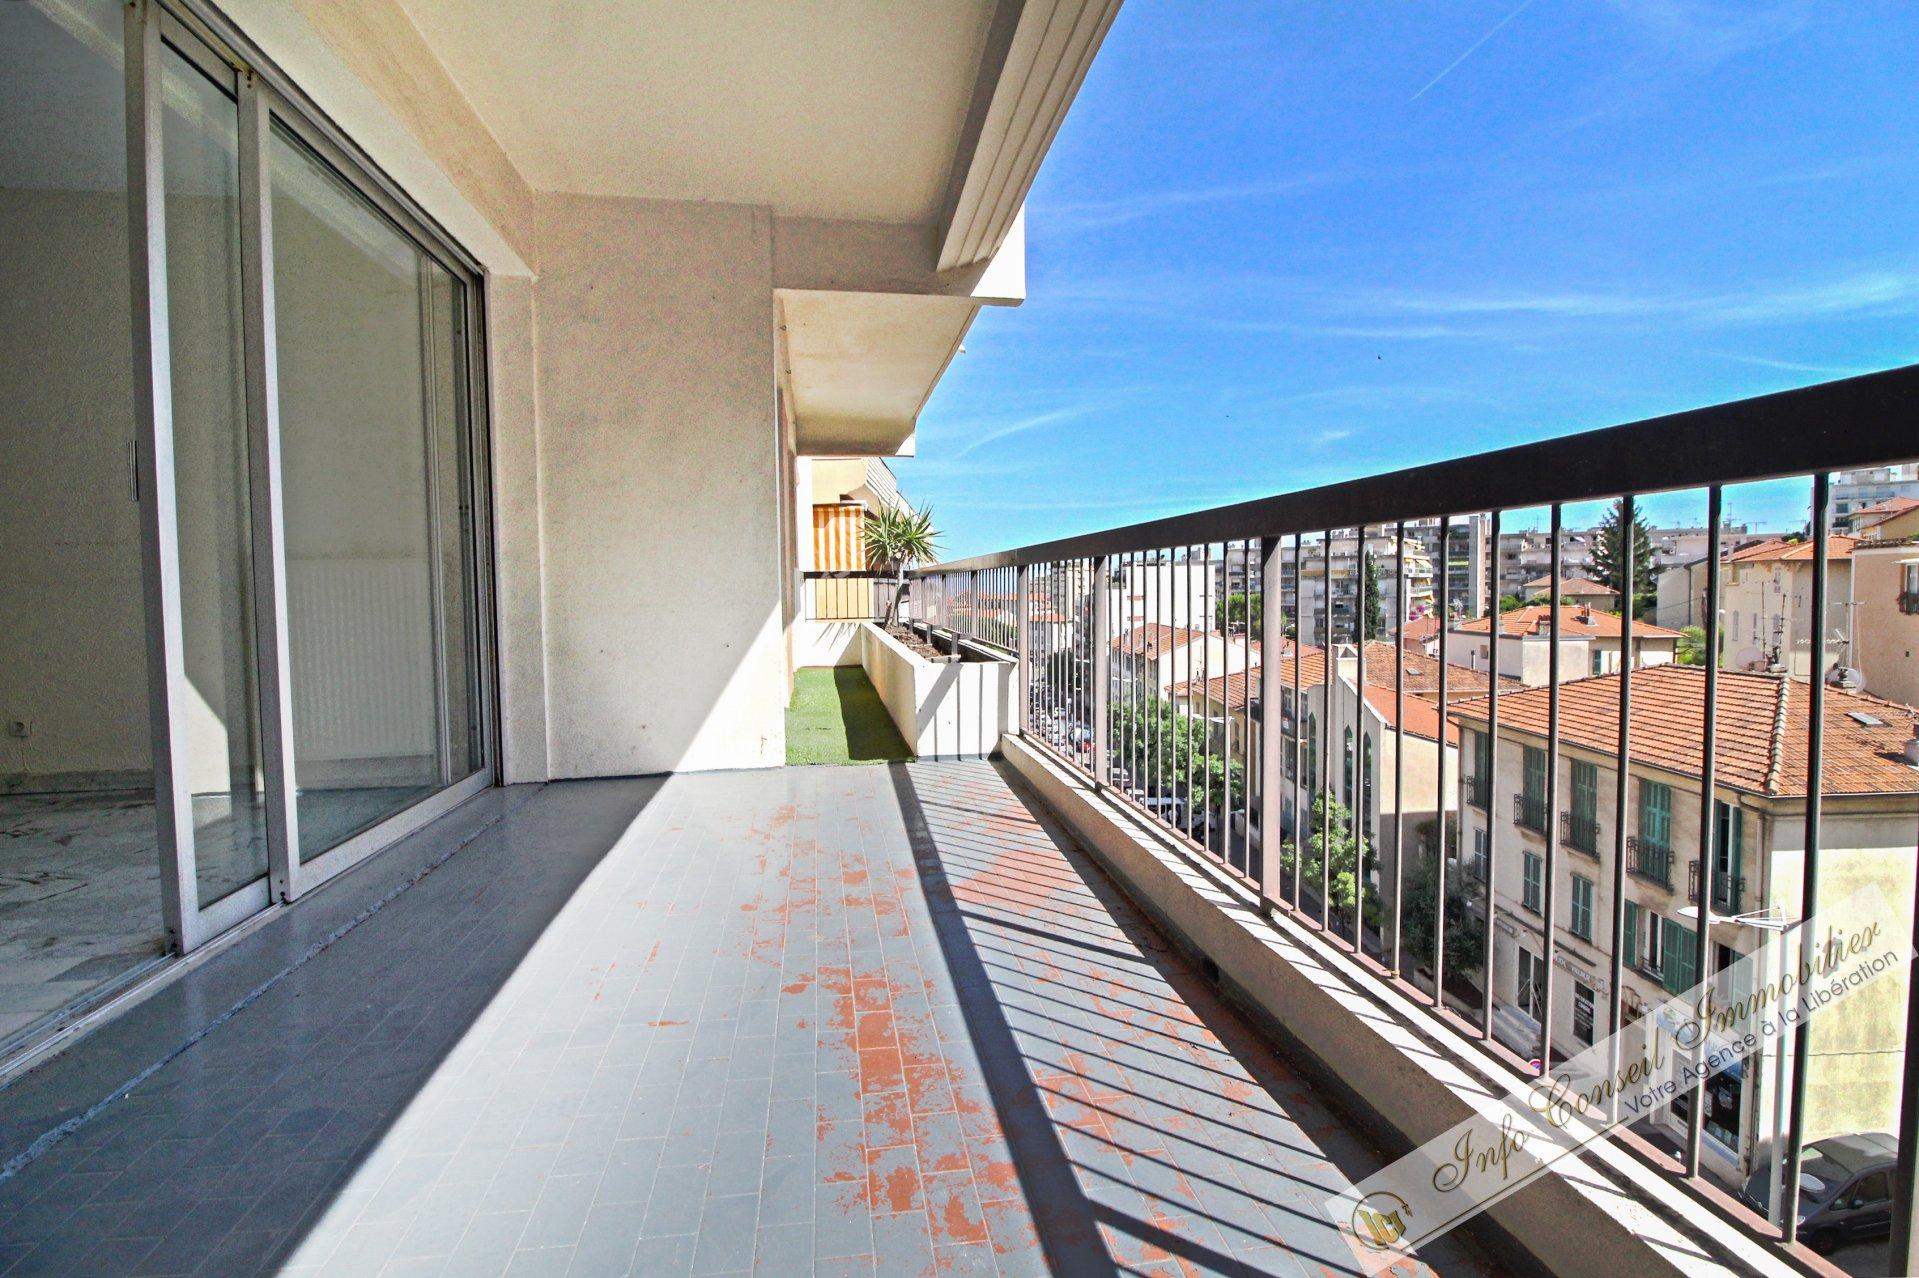 BAS PESSICART - Dernier étage - 3P 62m² - Terrasse - Vue gégagée - Poss. Garage - 235.000 €